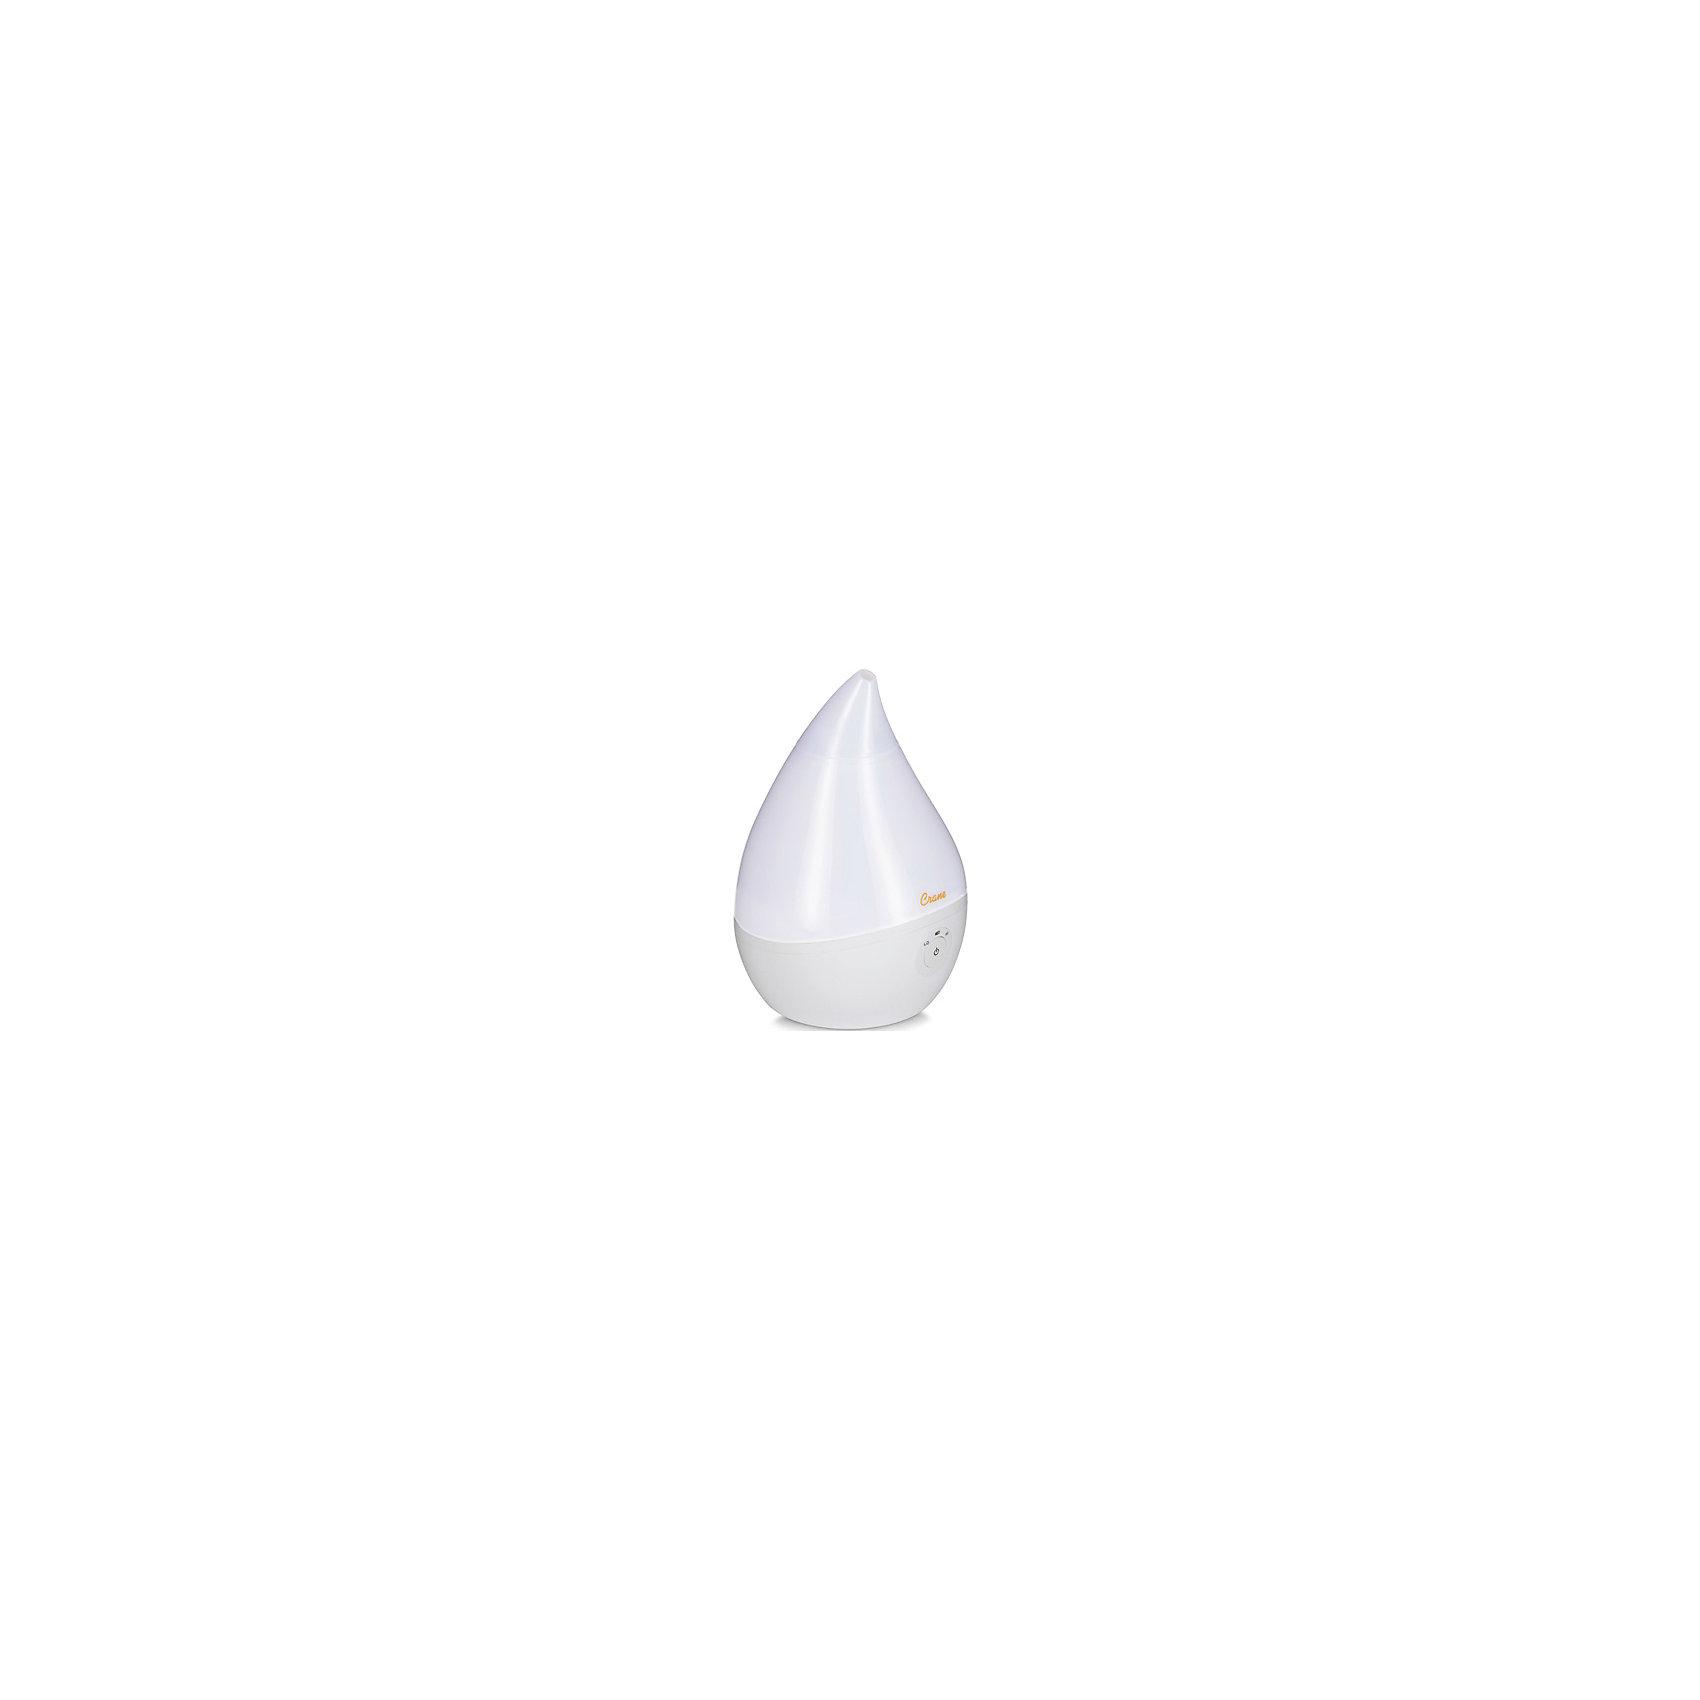 Увлажнитель воздуха ультразвуковой  КАПЕЛЬКА Crane, белый